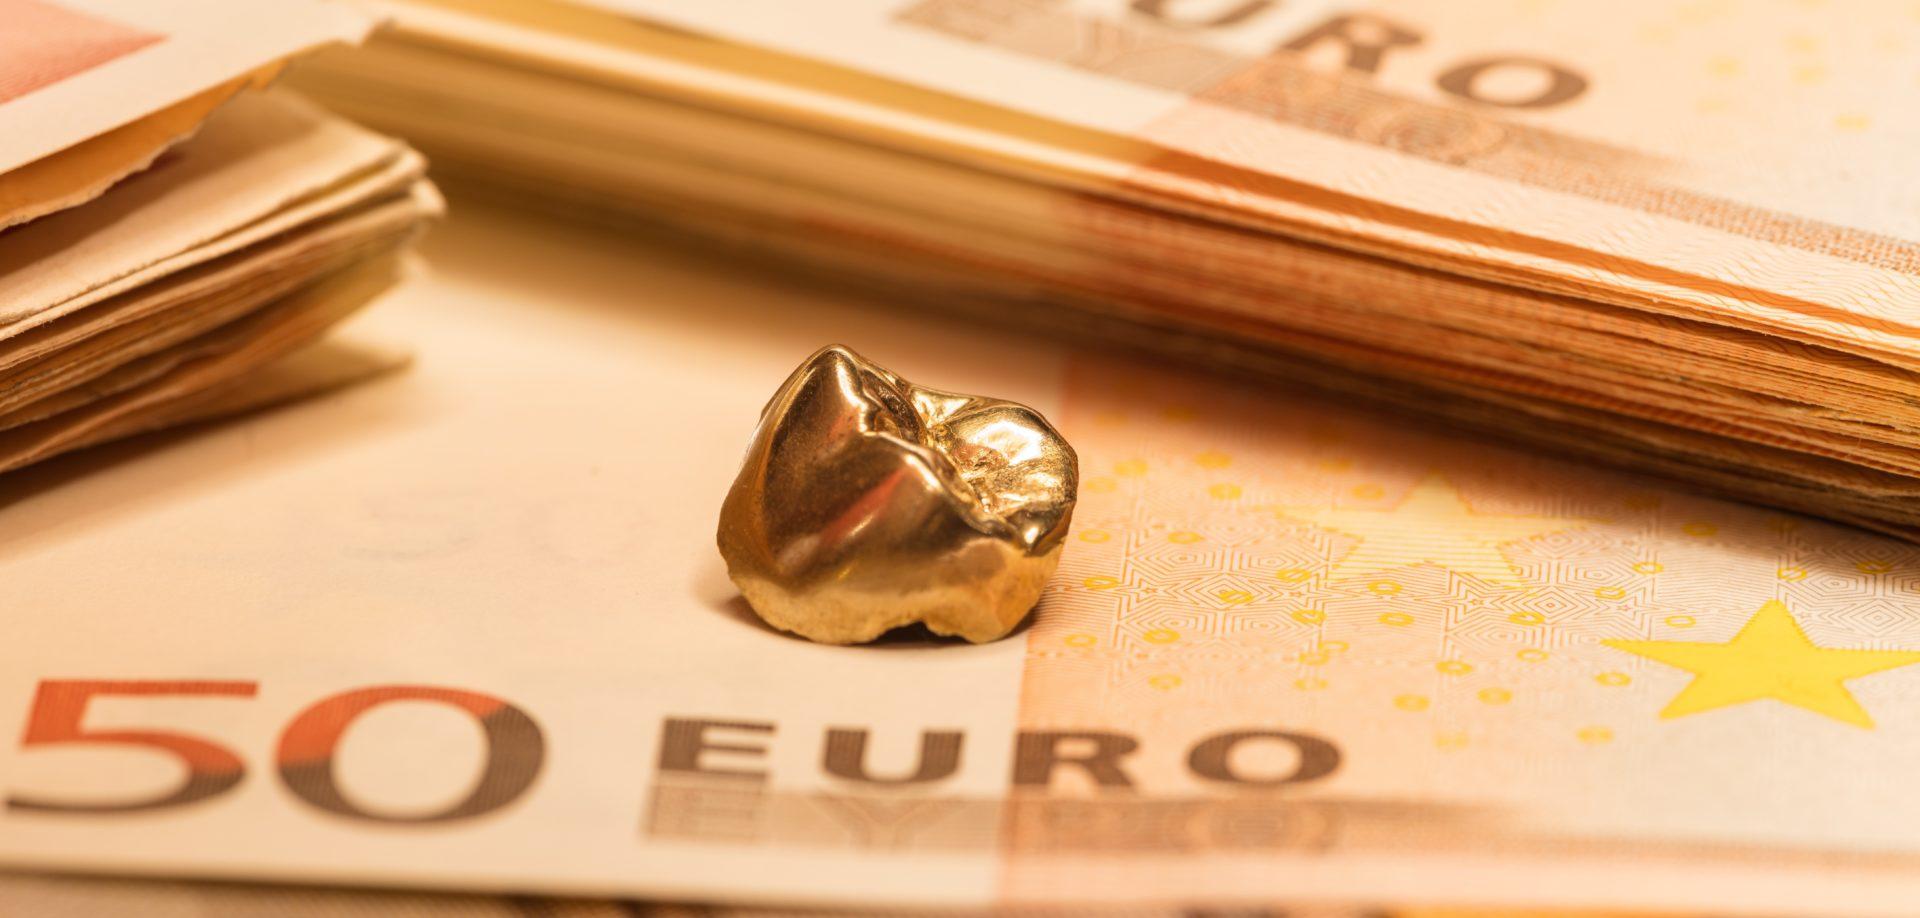 Zahngold verkaufen – Kostenfreie und unverbindliche Analyse, Aurax Edelmetallhandel GmbH, Zahngold